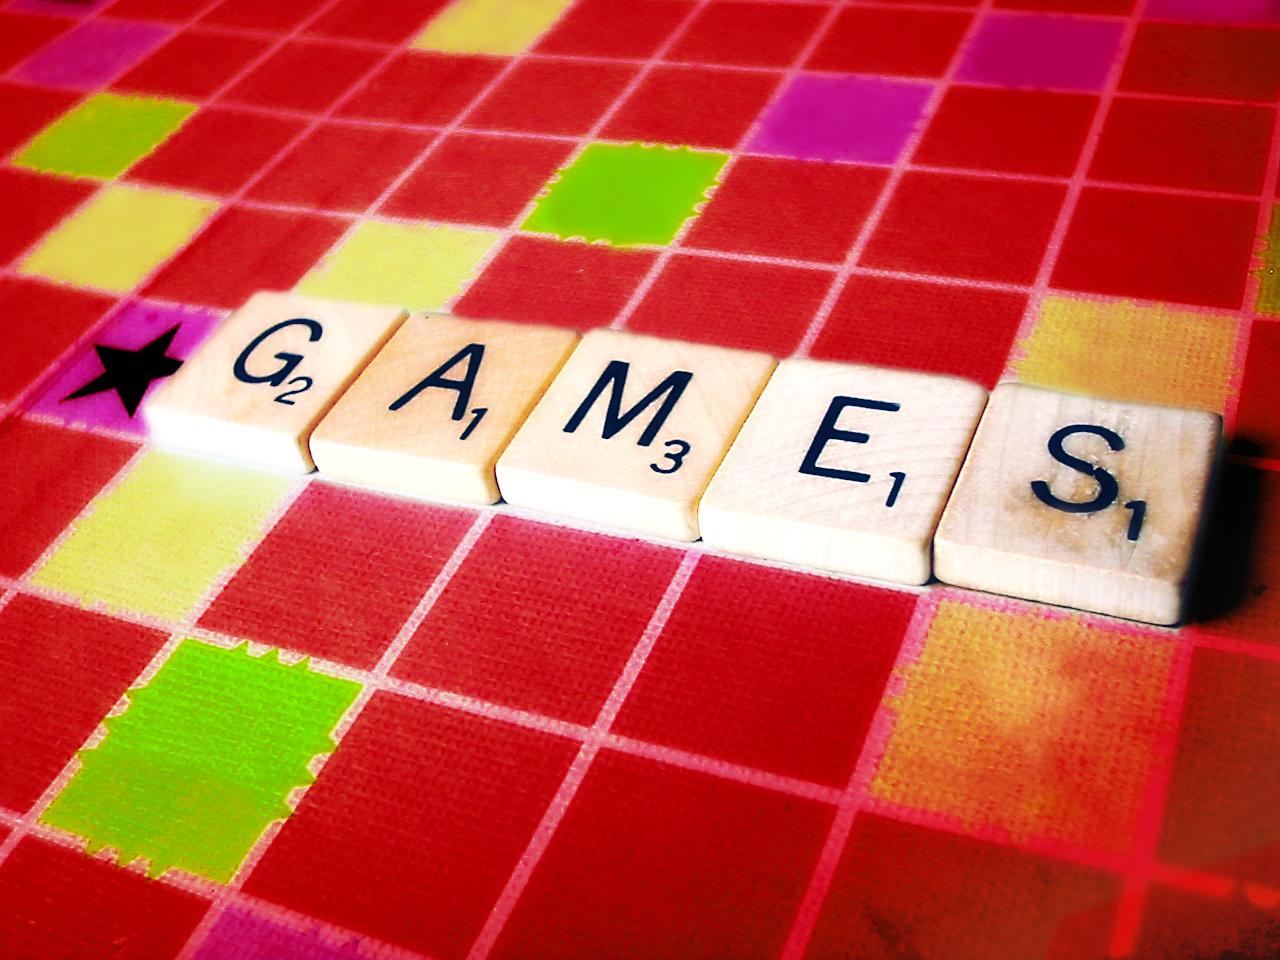 Gaming och spelutveckling